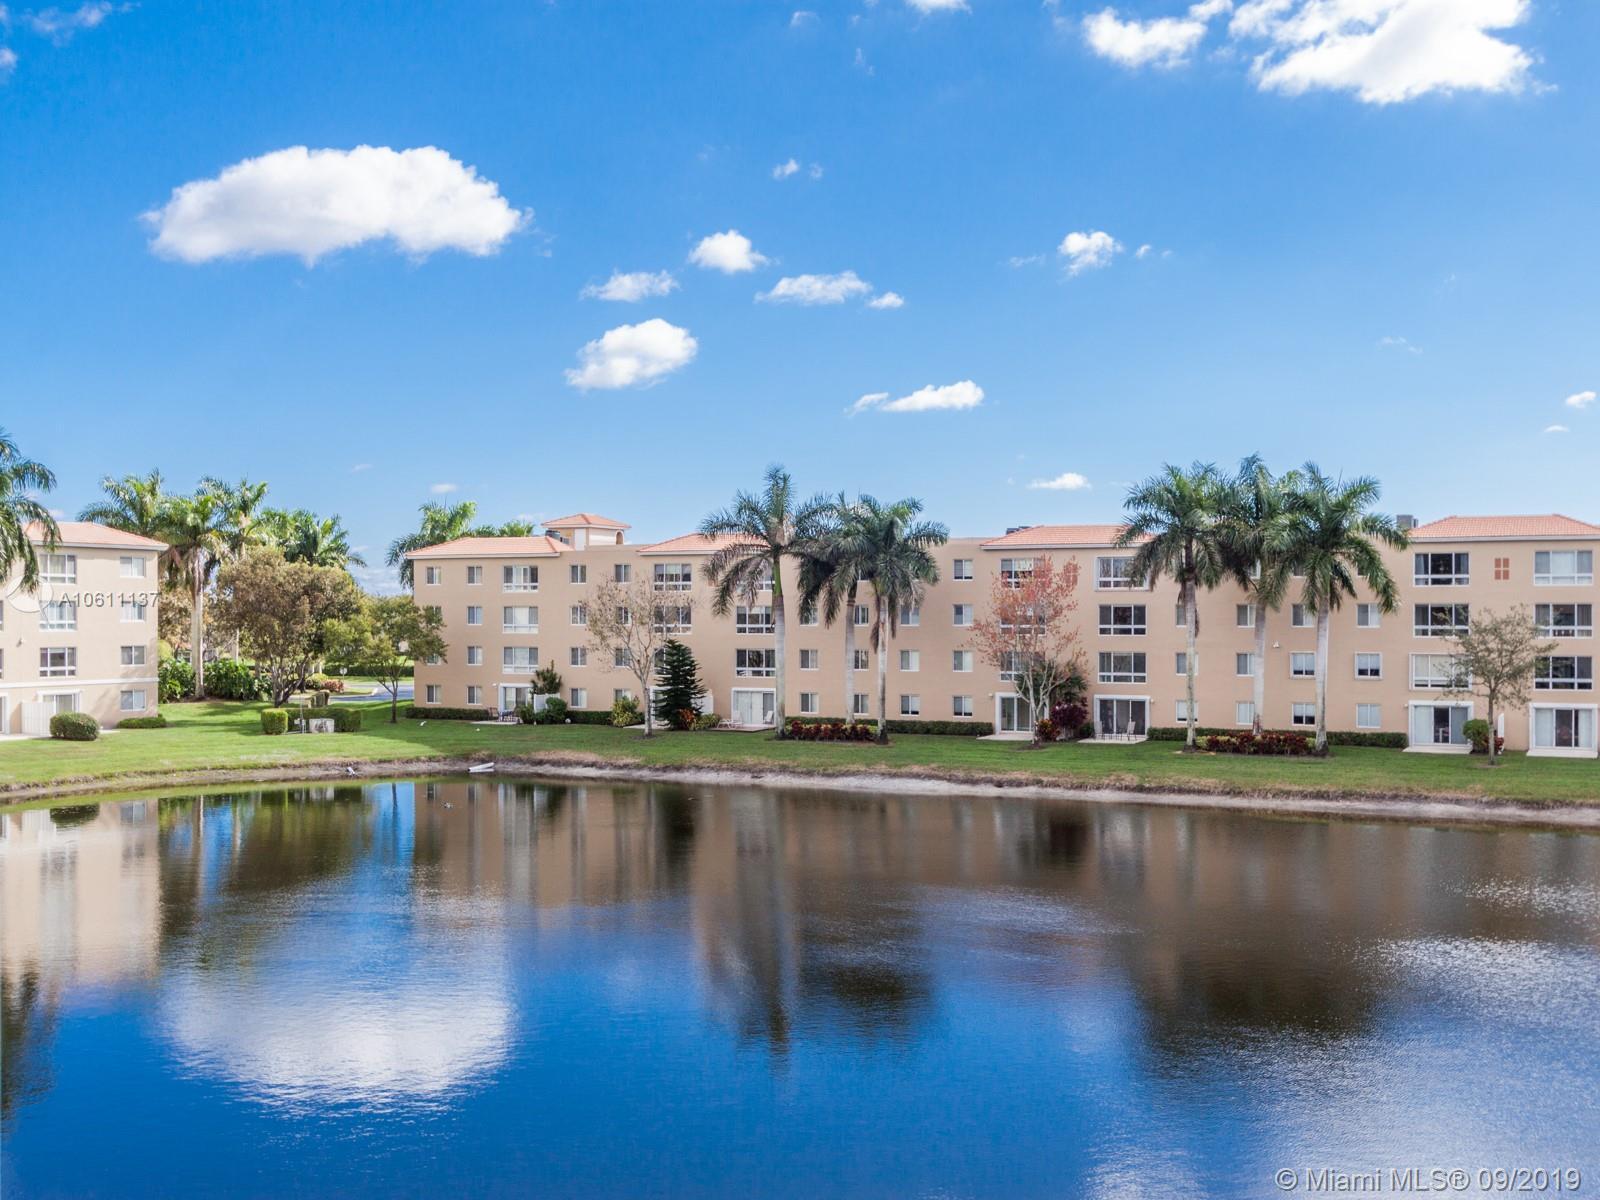 12529 Imperial Isle Dr Boynton Beach, FL 33437